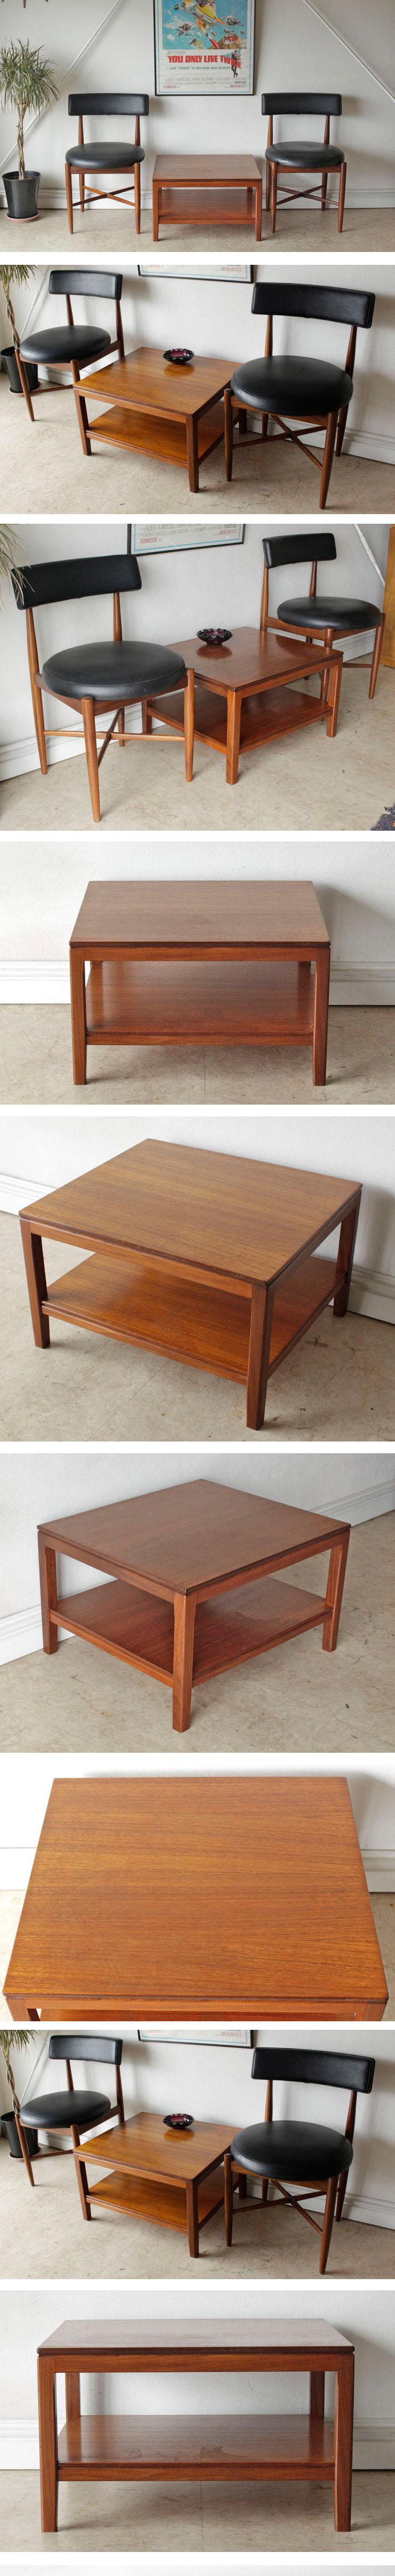 イギリス製・コーヒーテーブル・サイドテーブル・ビンテージ・アンティーク